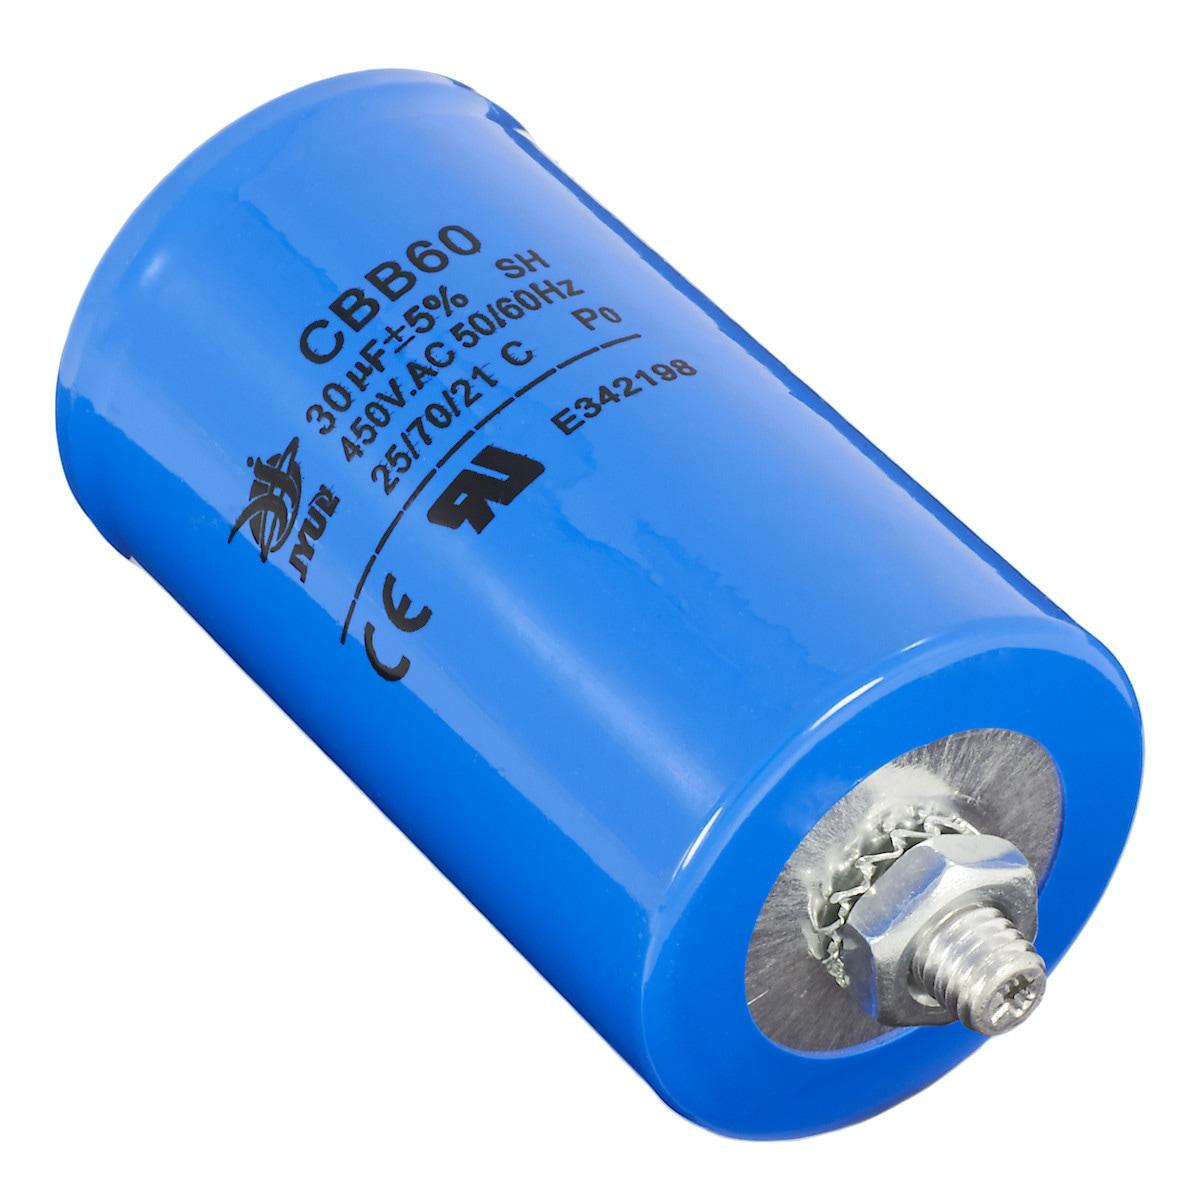 Kondensator 30 µF CBB60